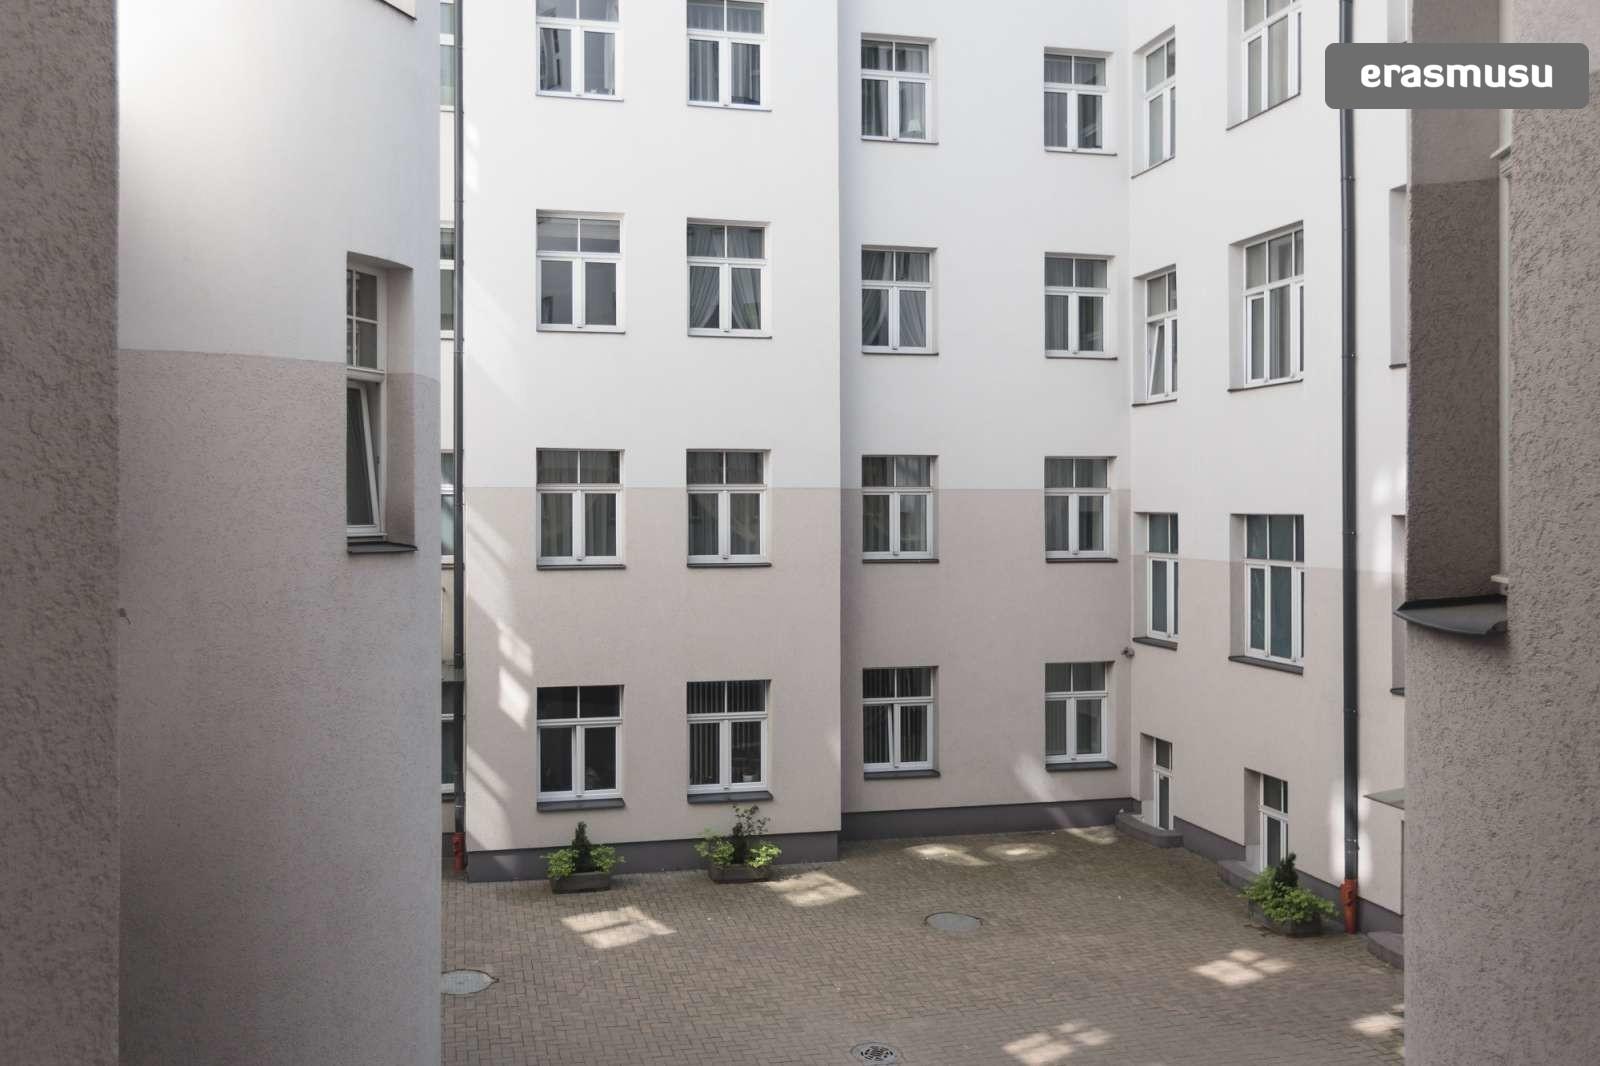 elegant-2-bedroom-partment-rent-centrs-0e581130f11824d79c27eff21